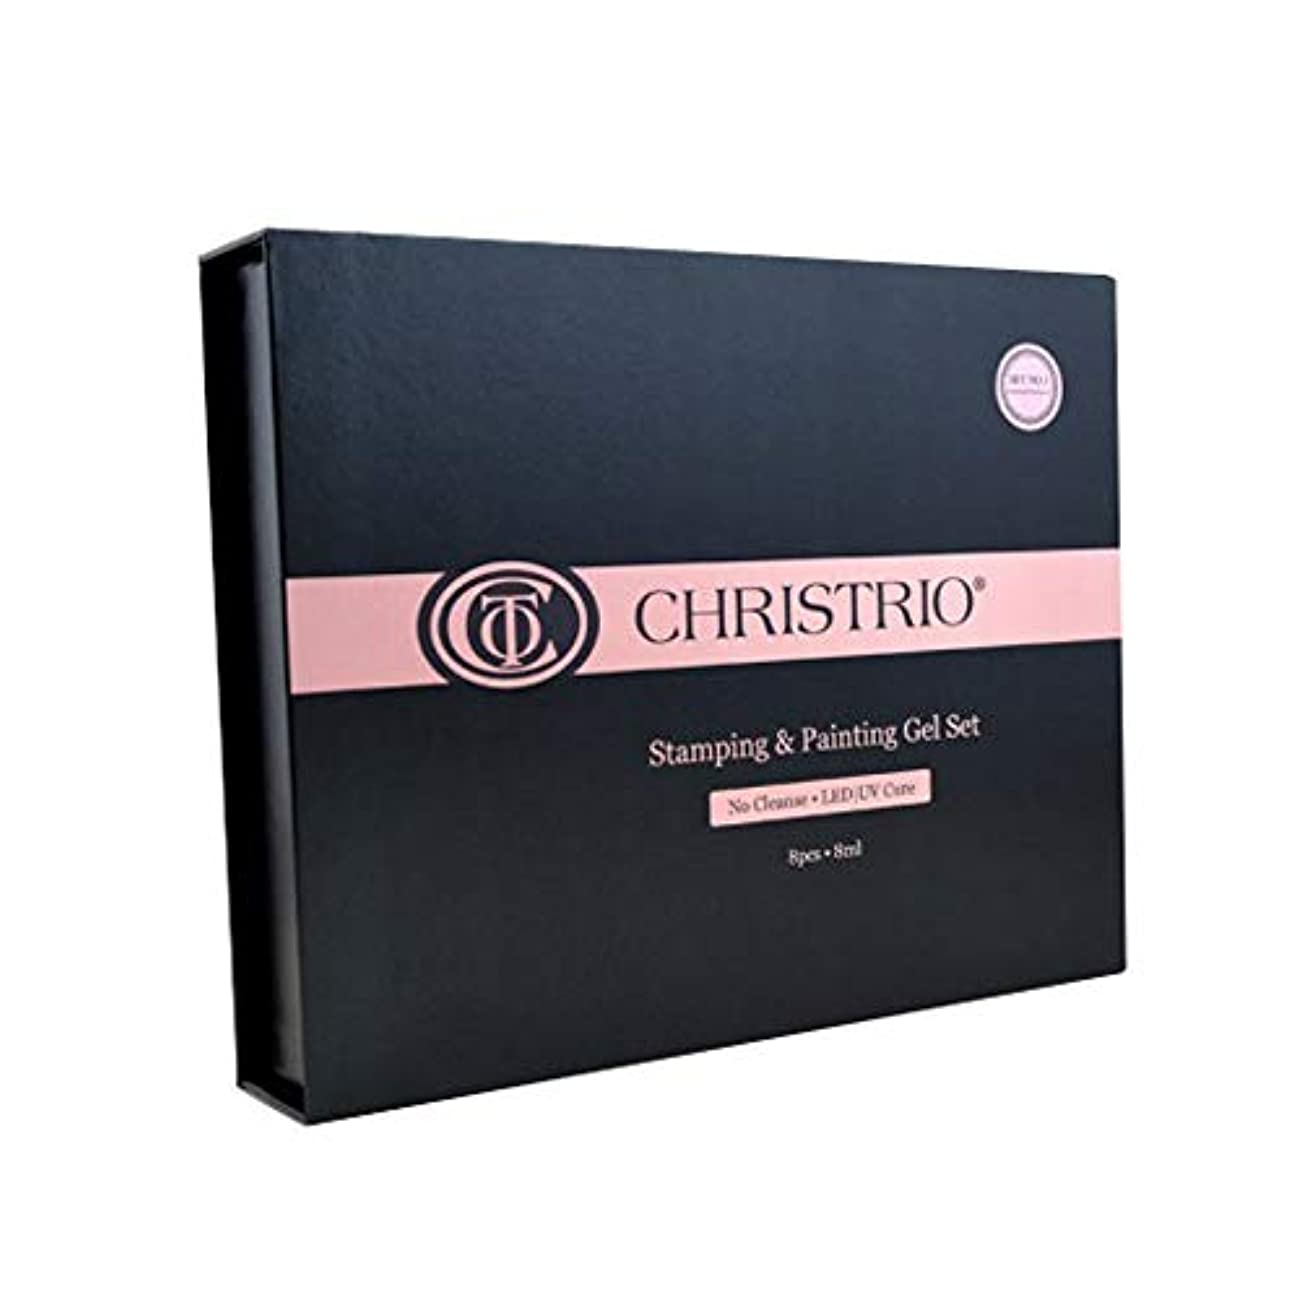 アクセントパターン温室CHRISTRIO スタンピング&ペインティングジェルセット No.2